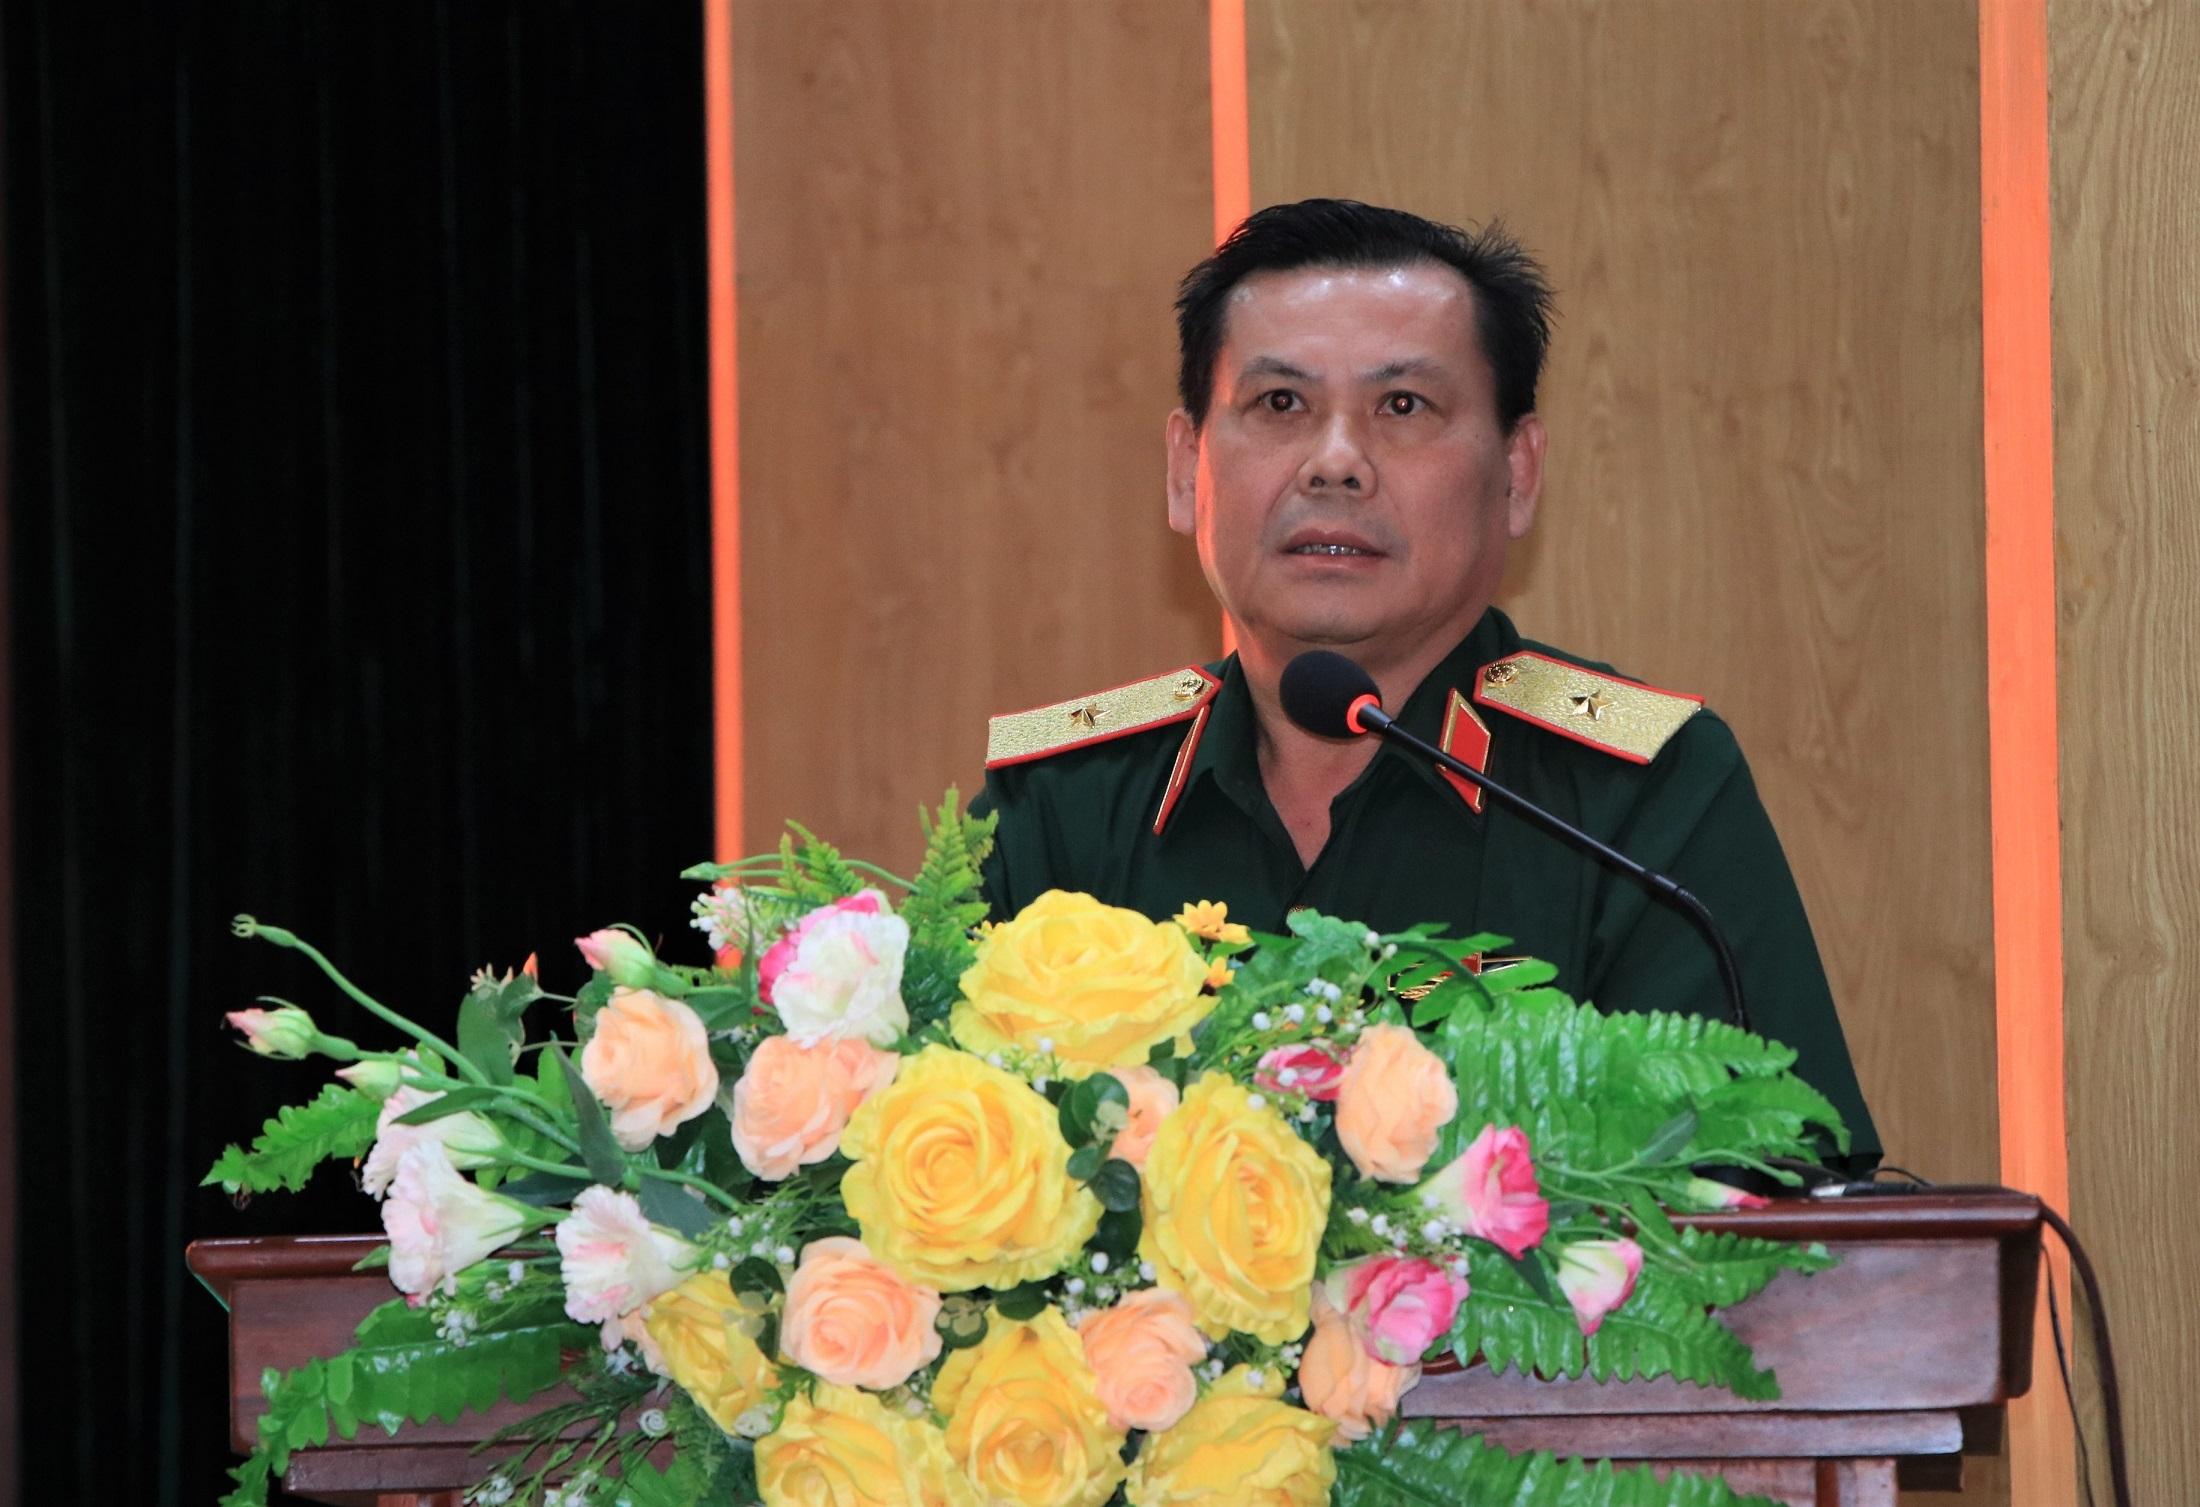 Cam kết của 4 tướng lĩnh, sĩ quan quân đội, công an ứng cử ĐBQH khóa XV